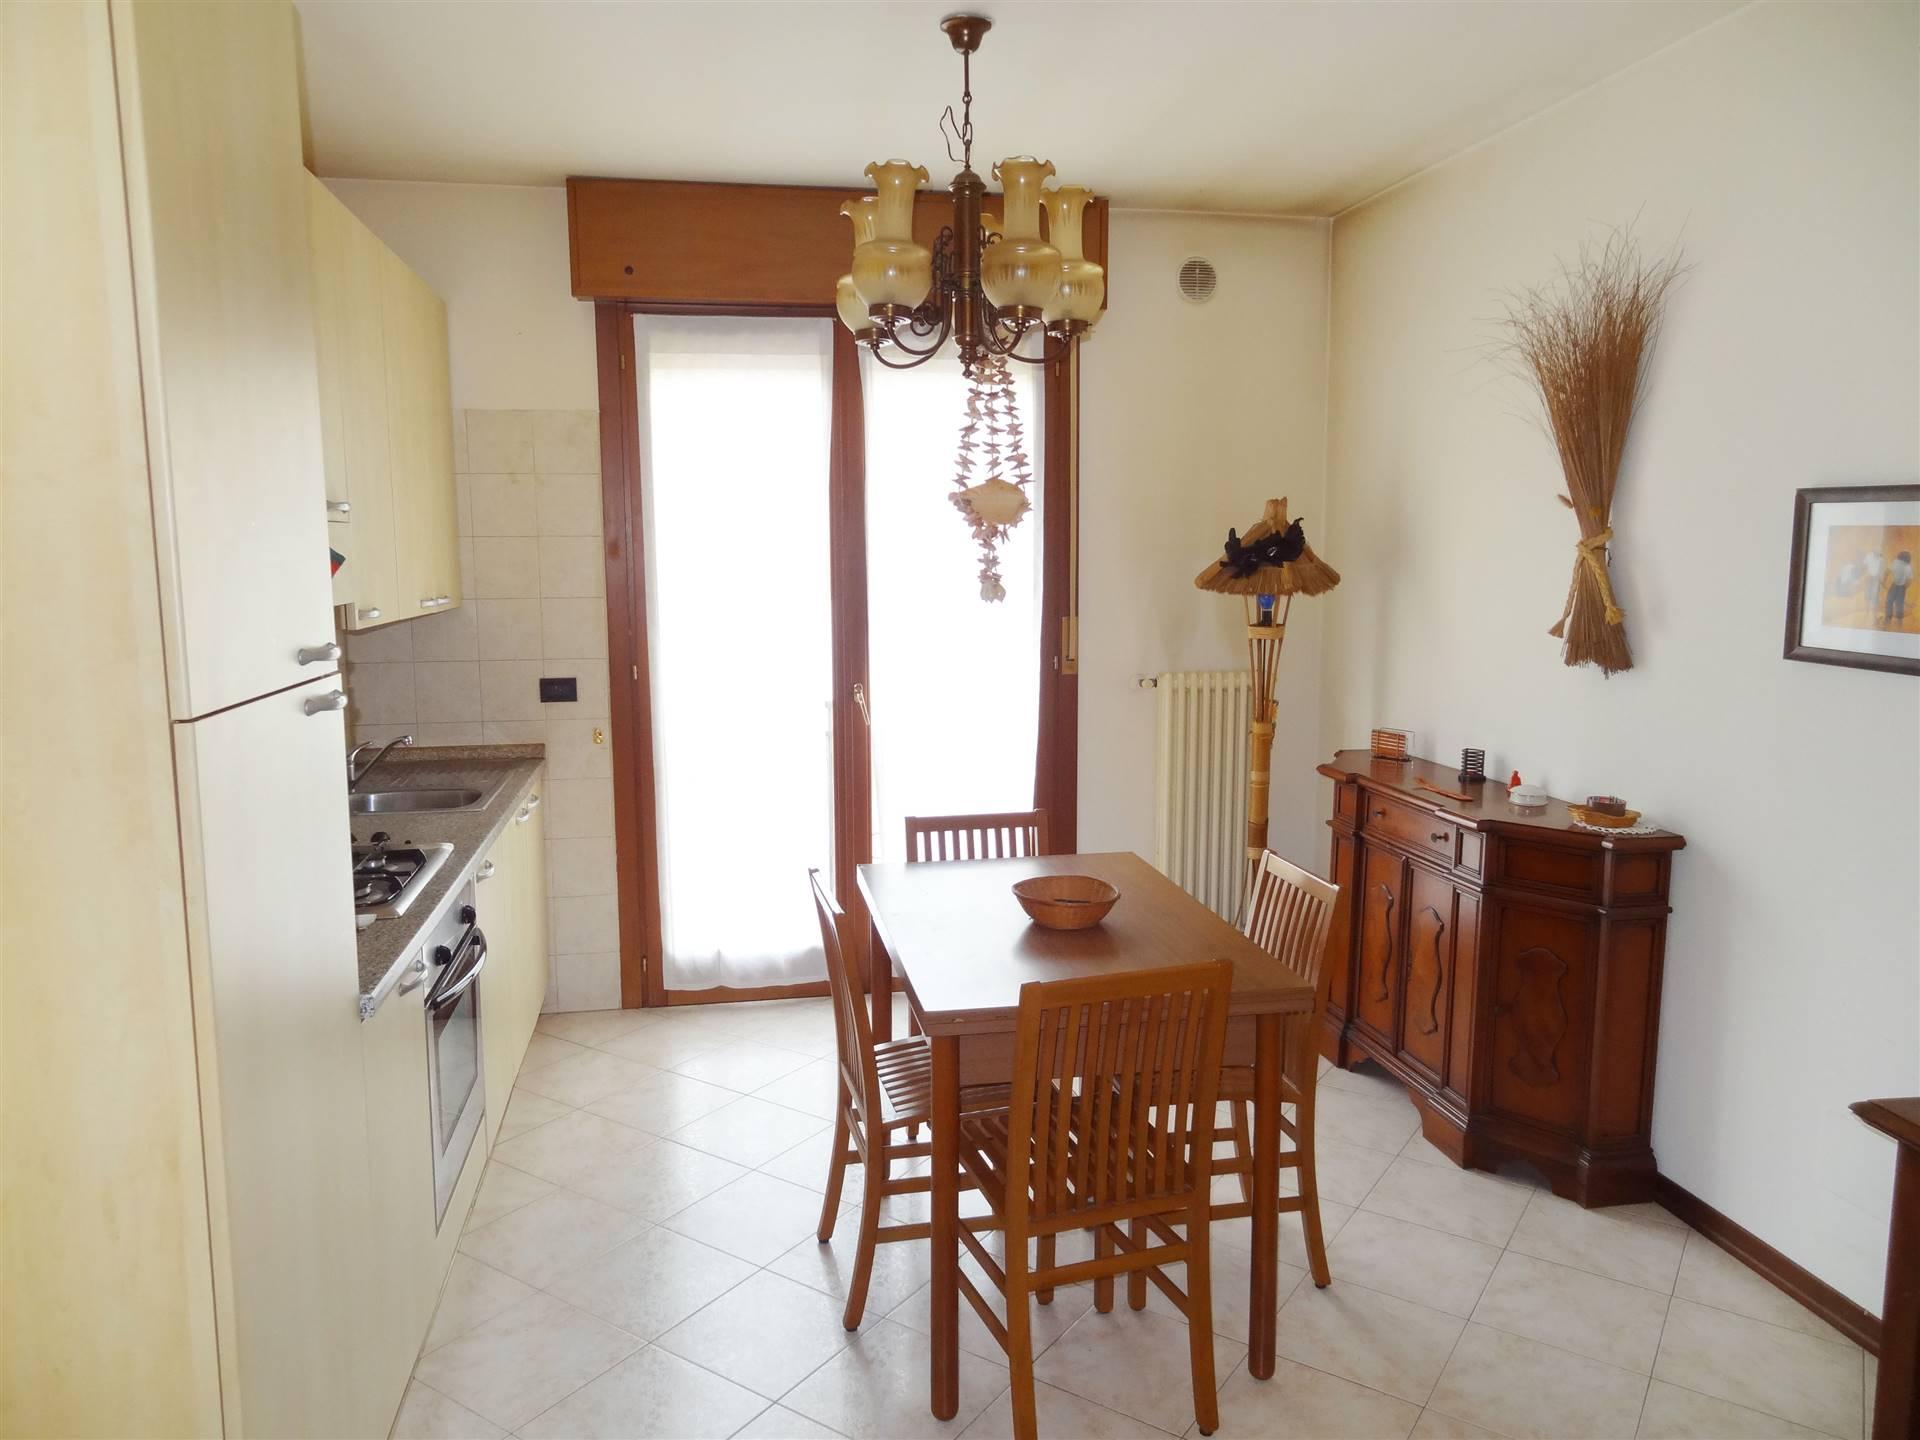 Mestre Miranese, proponiamo un appartamento bilocale completamente arredato in contesto del 2003 composto da ingresso, soggiorno con angolo cottura,